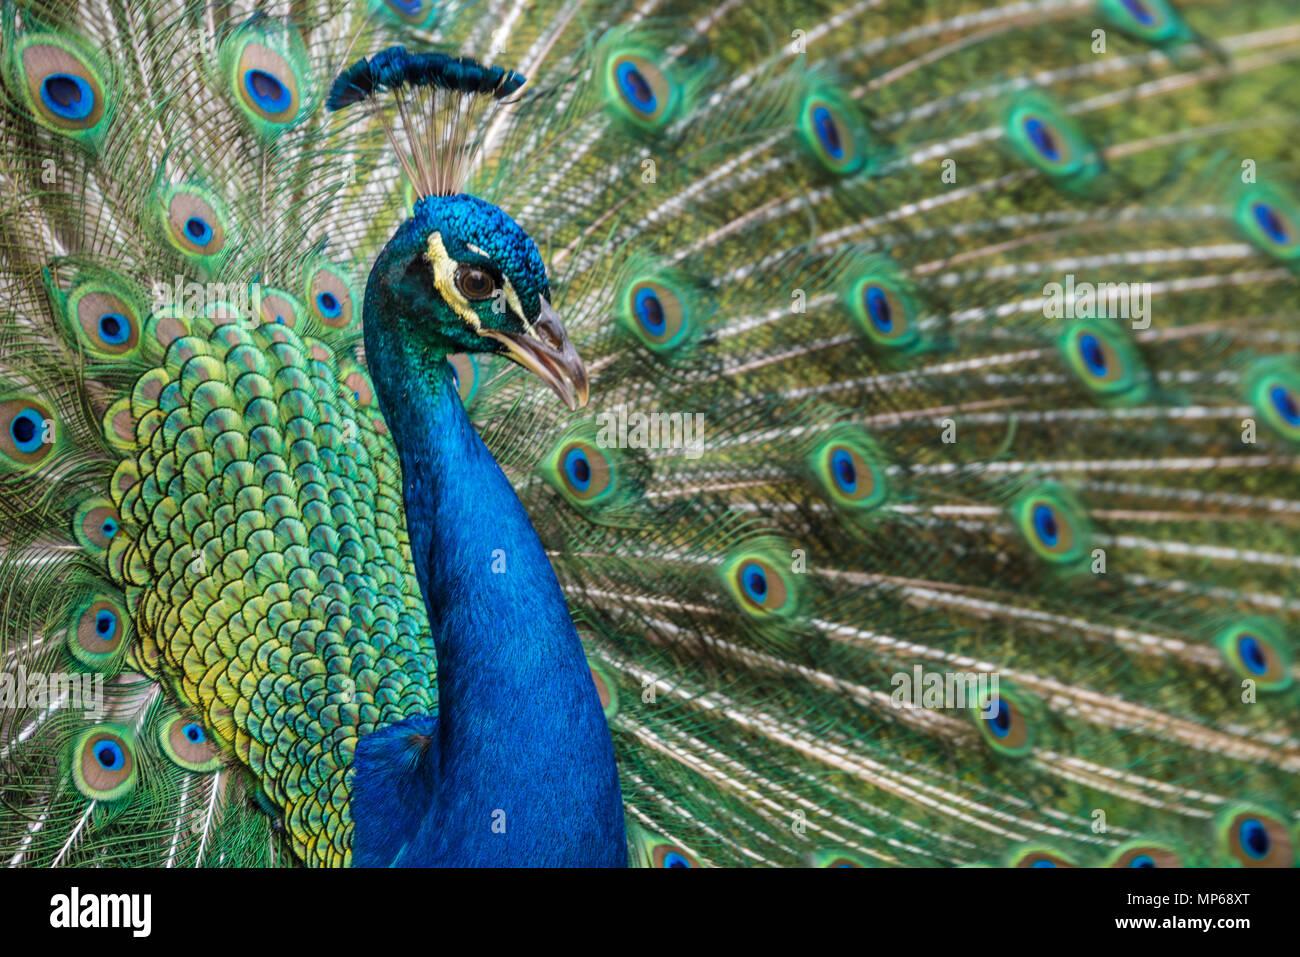 Paon bleu indien aux couleurs du plumage irisé dans tout l'affichage à Ponce de Leon's Fontaine de Jouvence Parc archéologique à Saint Augustine, en Floride. Photo Stock